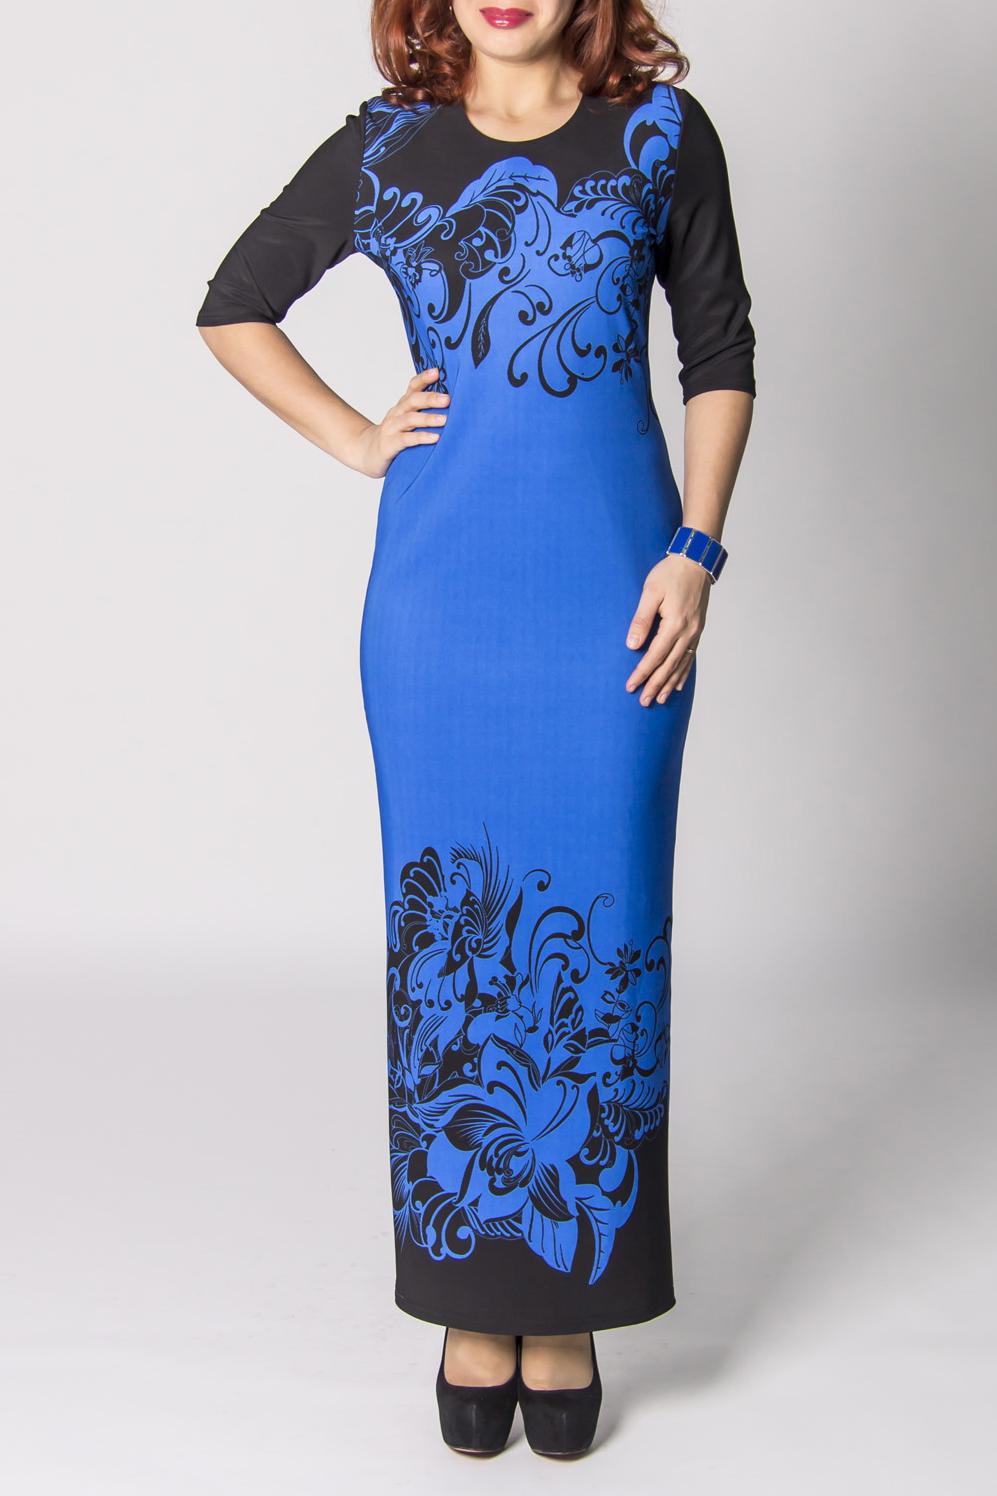 ПлатьеПлатья<br>Эффектное женское платье в пол с круглой горловиной и рукавами 3/4. Модель выполнена из приятного трикотажа. Отличный выбор для любого случая.  Цвет: синий, черный  Рост девушки-фотомодели 170 см.<br><br>Горловина: С- горловина<br>По материалу: Вискоза,Трикотаж<br>По силуэту: Полуприталенные<br>По стилю: Повседневный стиль<br>Рукав: Рукав три четверти<br>По длине: Макси<br>По рисунку: Цветные,С принтом<br>По элементам: С разрезом<br>Разрез: Длинный<br>По сезону: Осень,Весна,Зима<br>Размер : 44<br>Материал: Джерси<br>Количество в наличии: 1